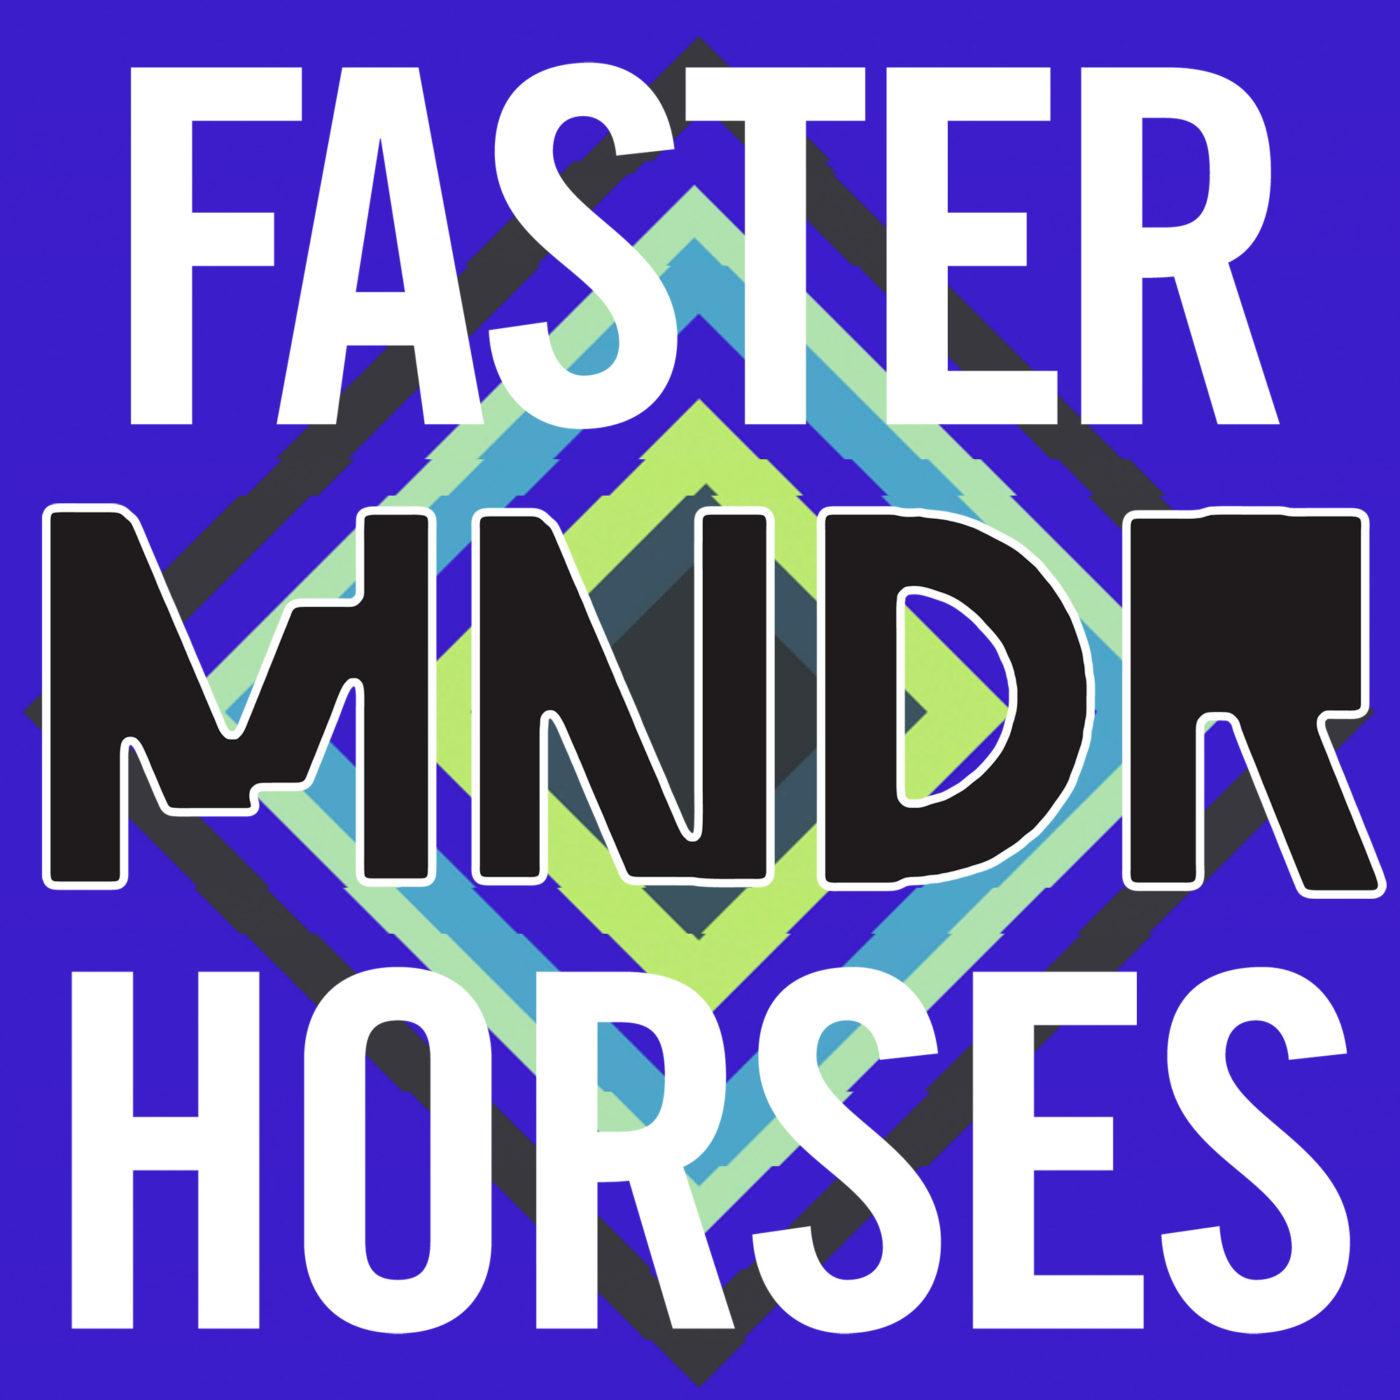 MNDR Faster Horses Cover Art